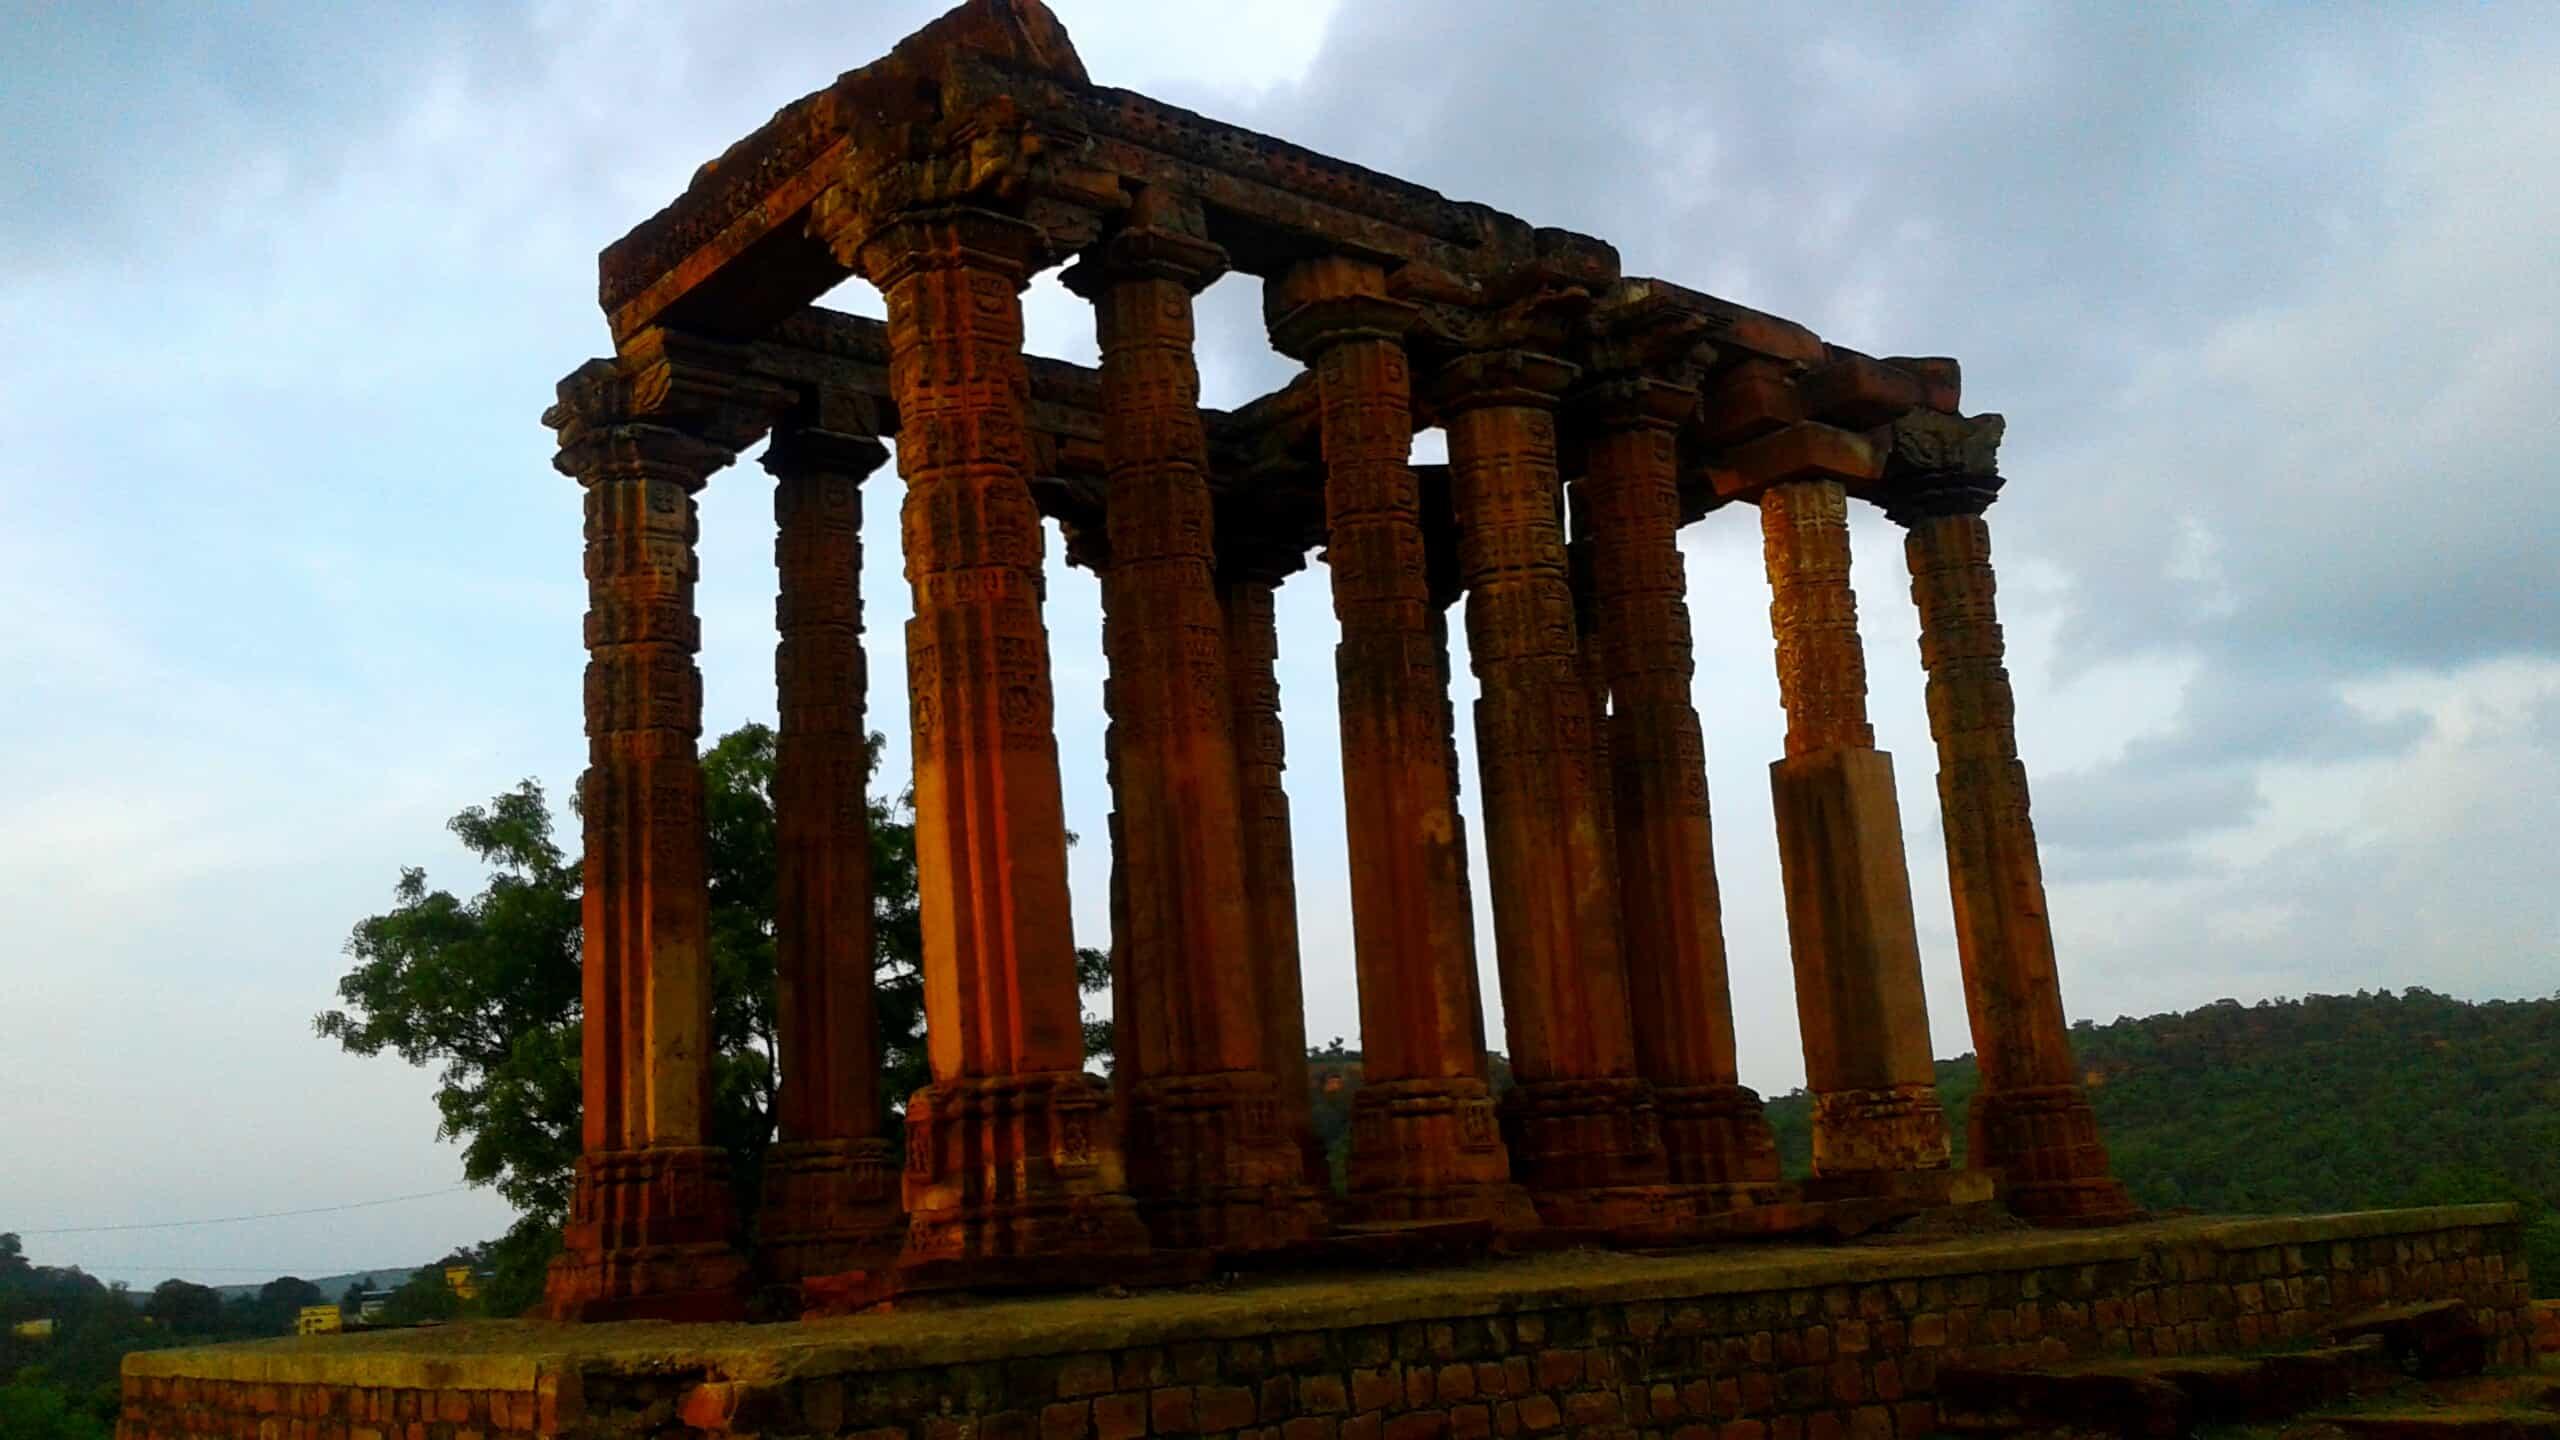 Kostenlose Bild: Tempel, antike, Architektur, Archäologie ...